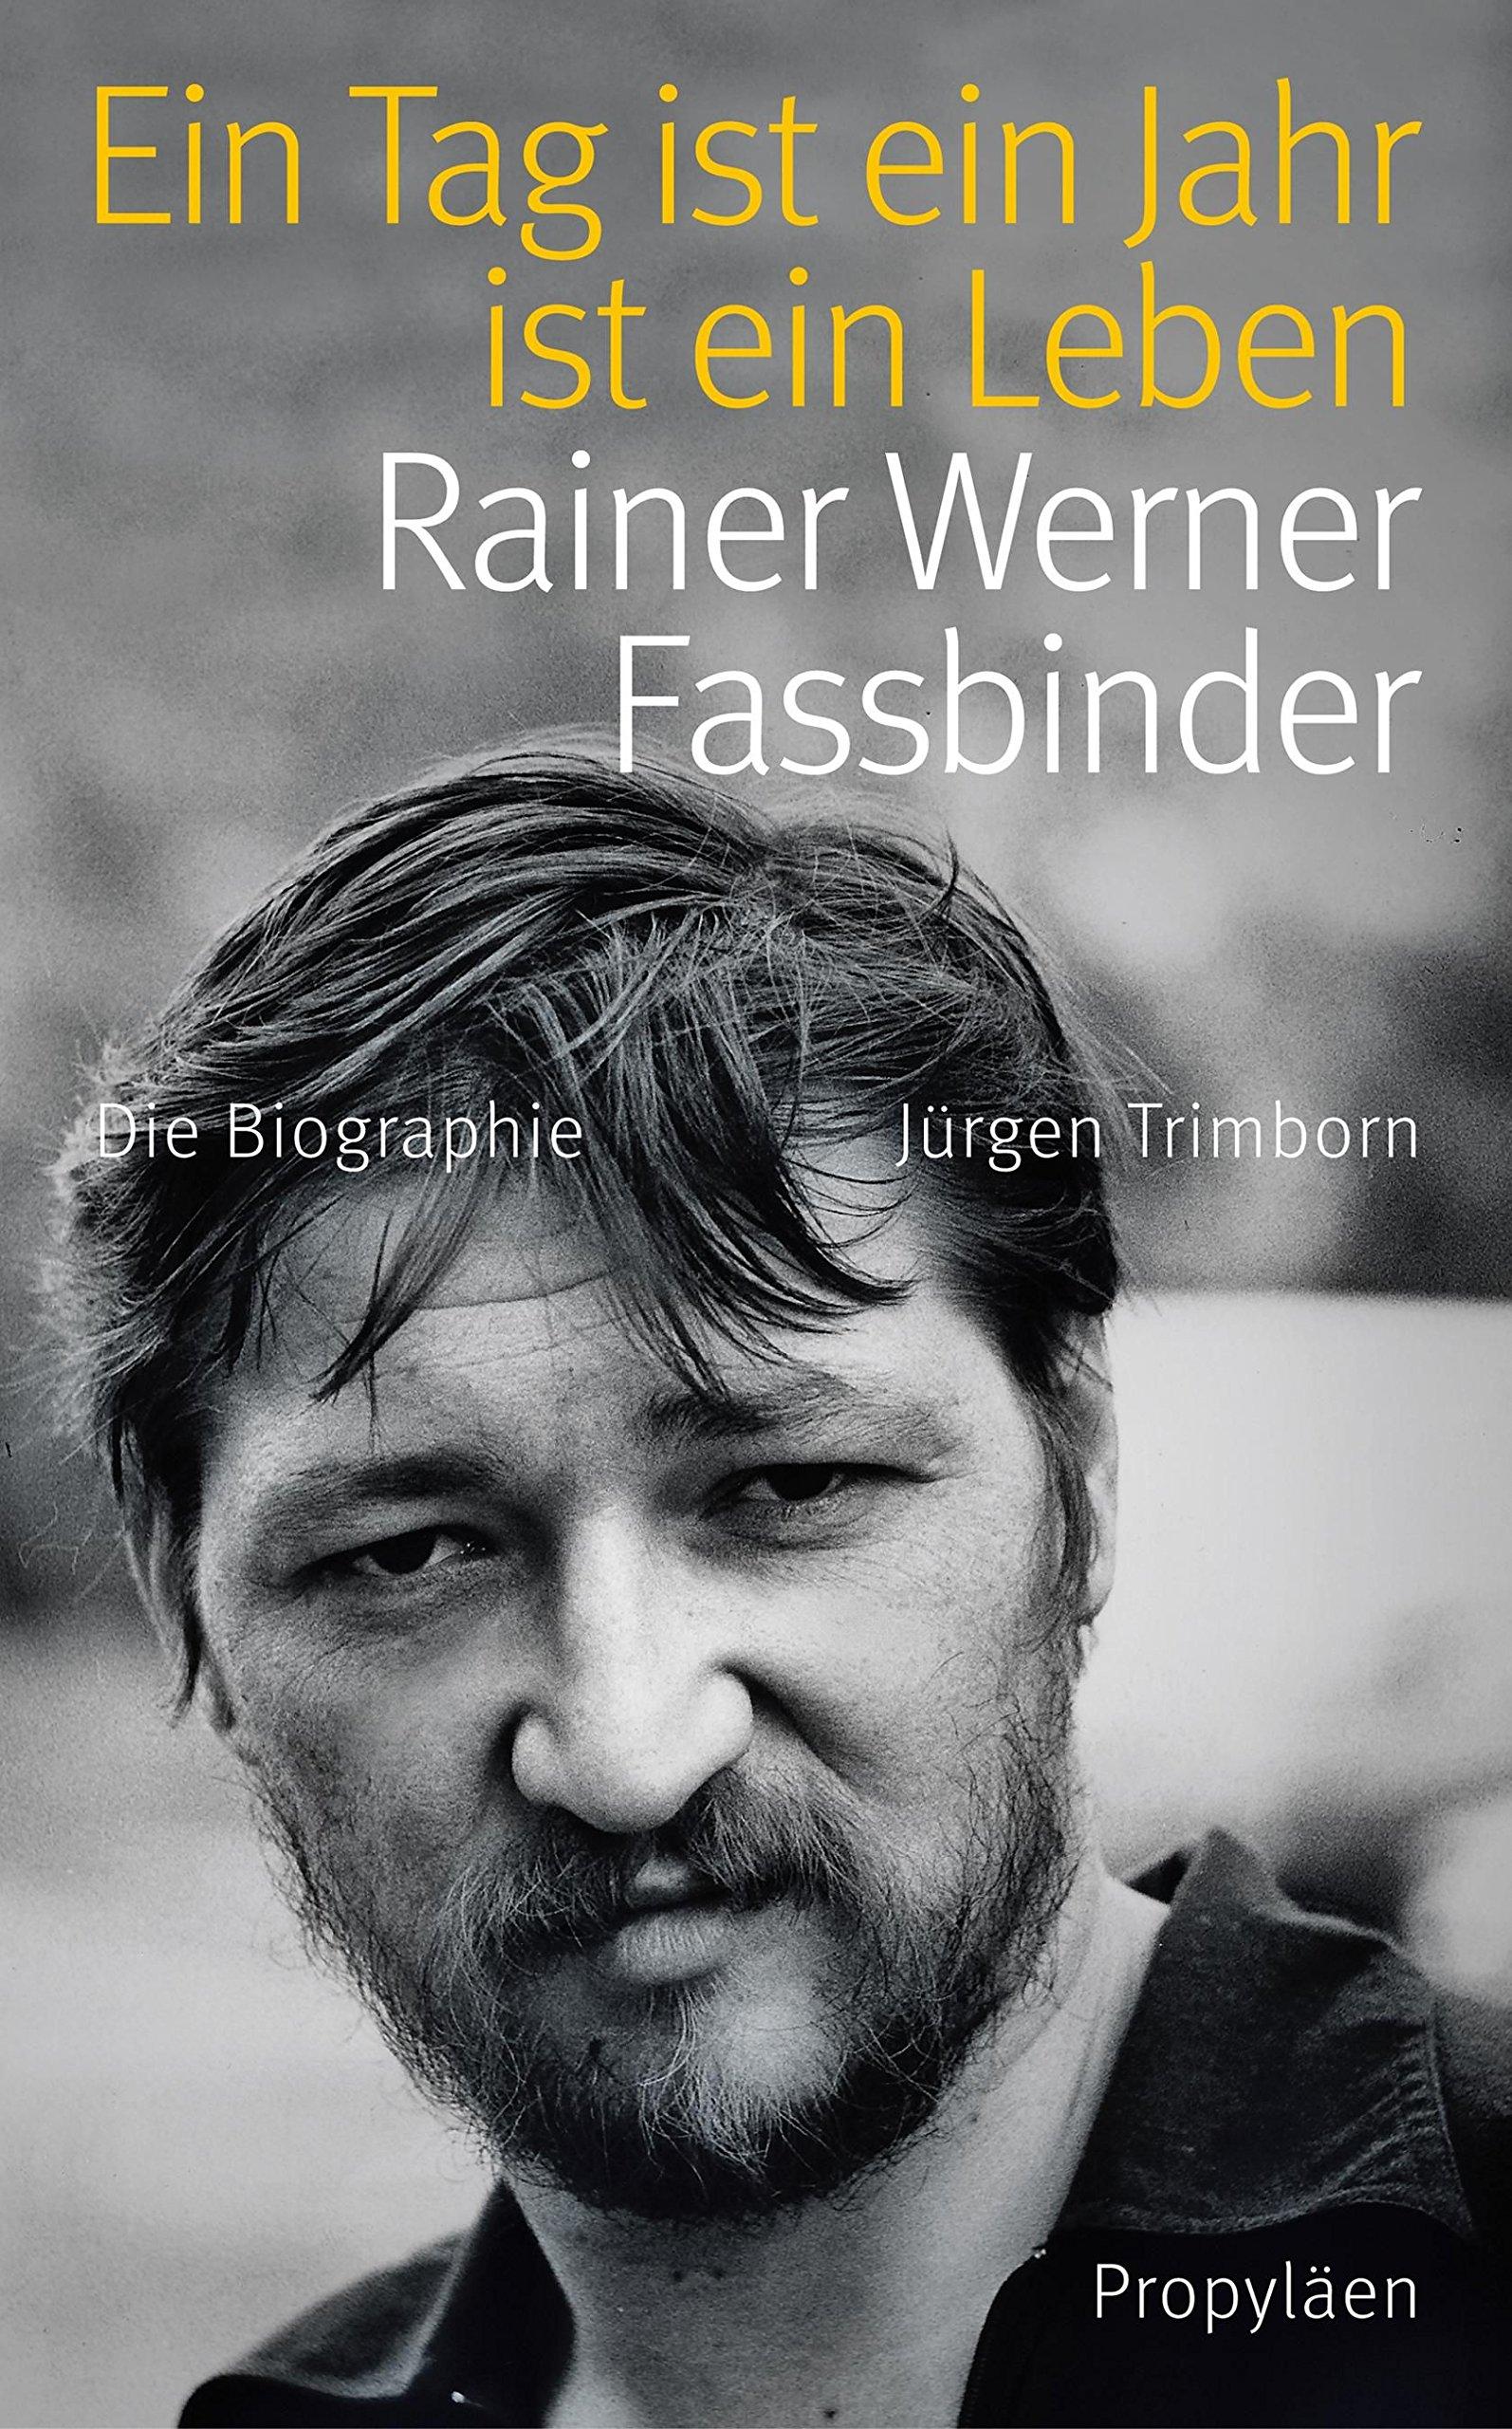 Ein Tag ist ein Jahr ist ein Leben: Rainer Werner Fassbinder Gebundenes Buch – 15. März 2012 Jürgen Trimborn Propyläen Verlag 3549074263 Film